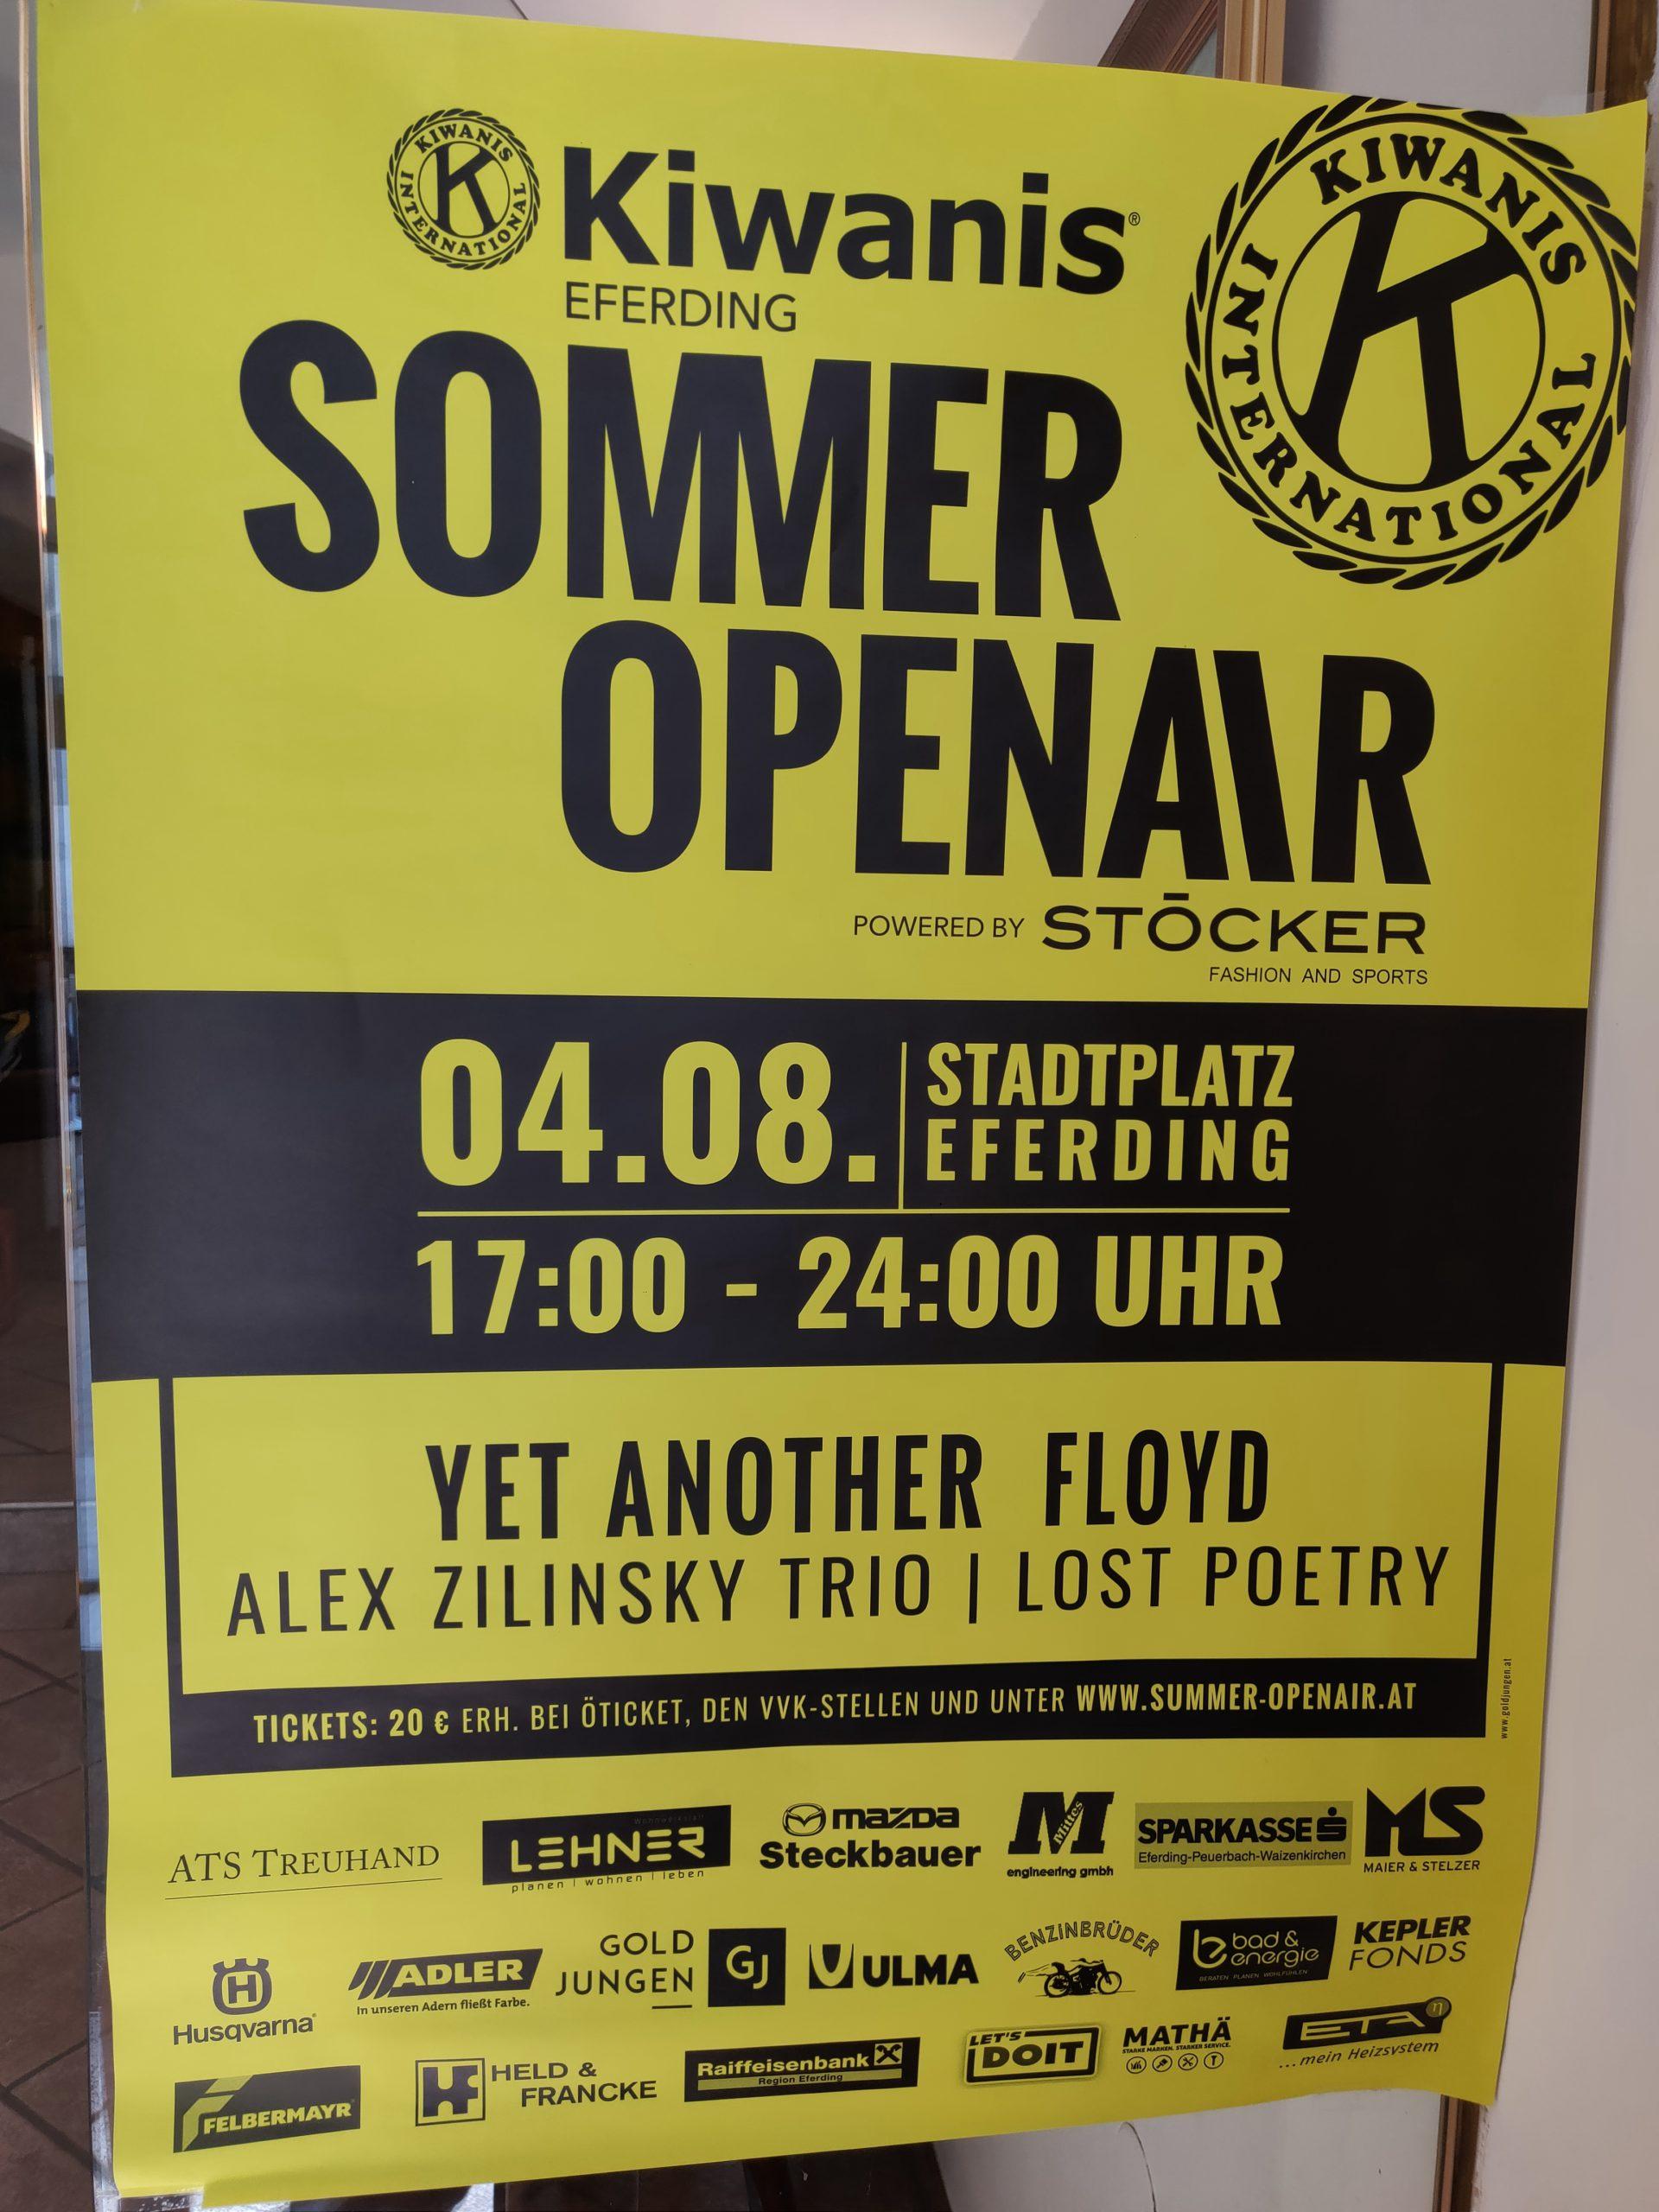 Kiwans Sommer Openair